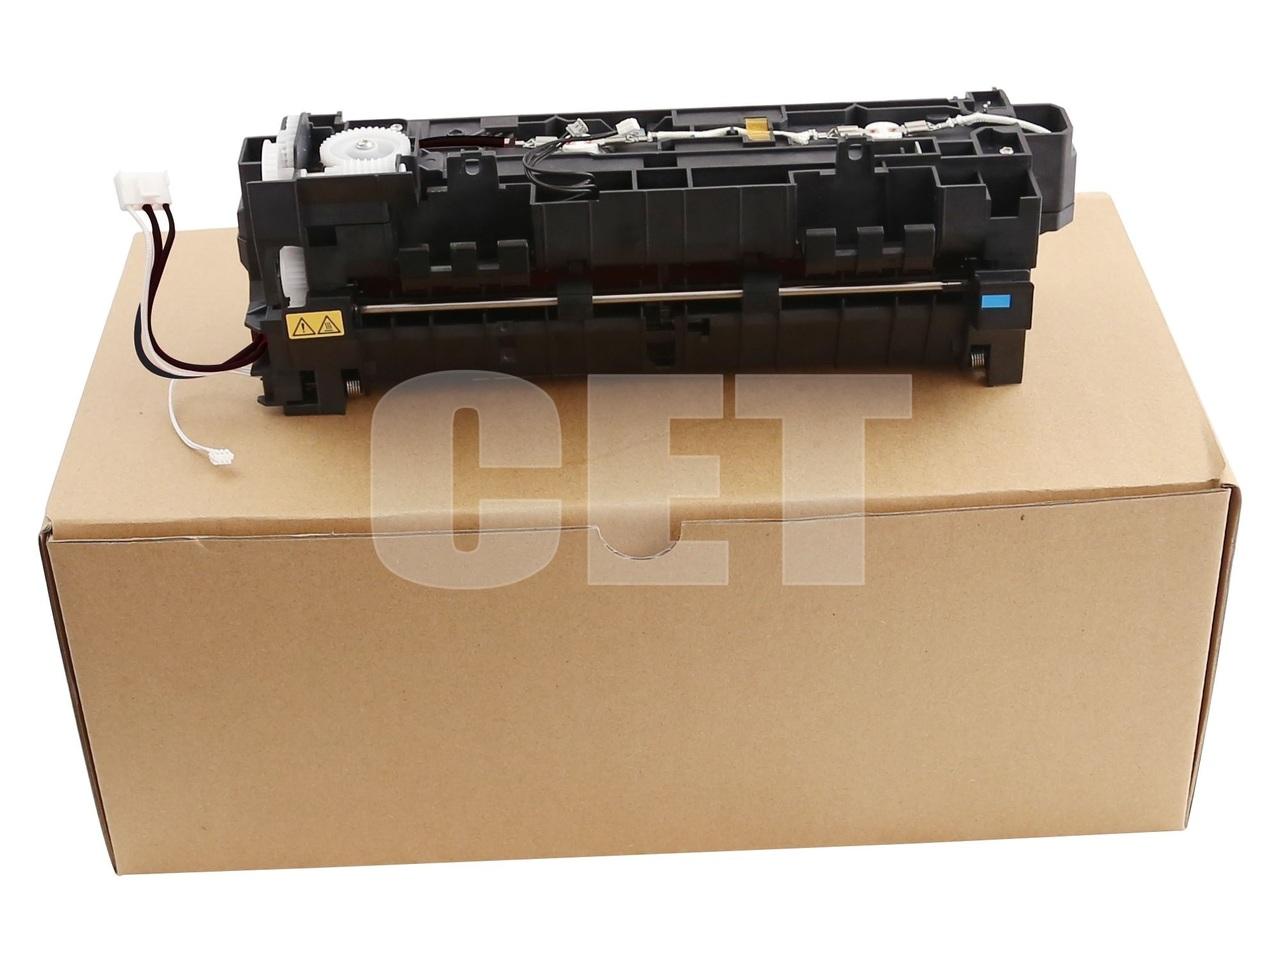 Фьюзер (печка) в сборе FK-3130(E) для KYOCERA ECOSYSM3550idn/M3560idn (CET), CET7510